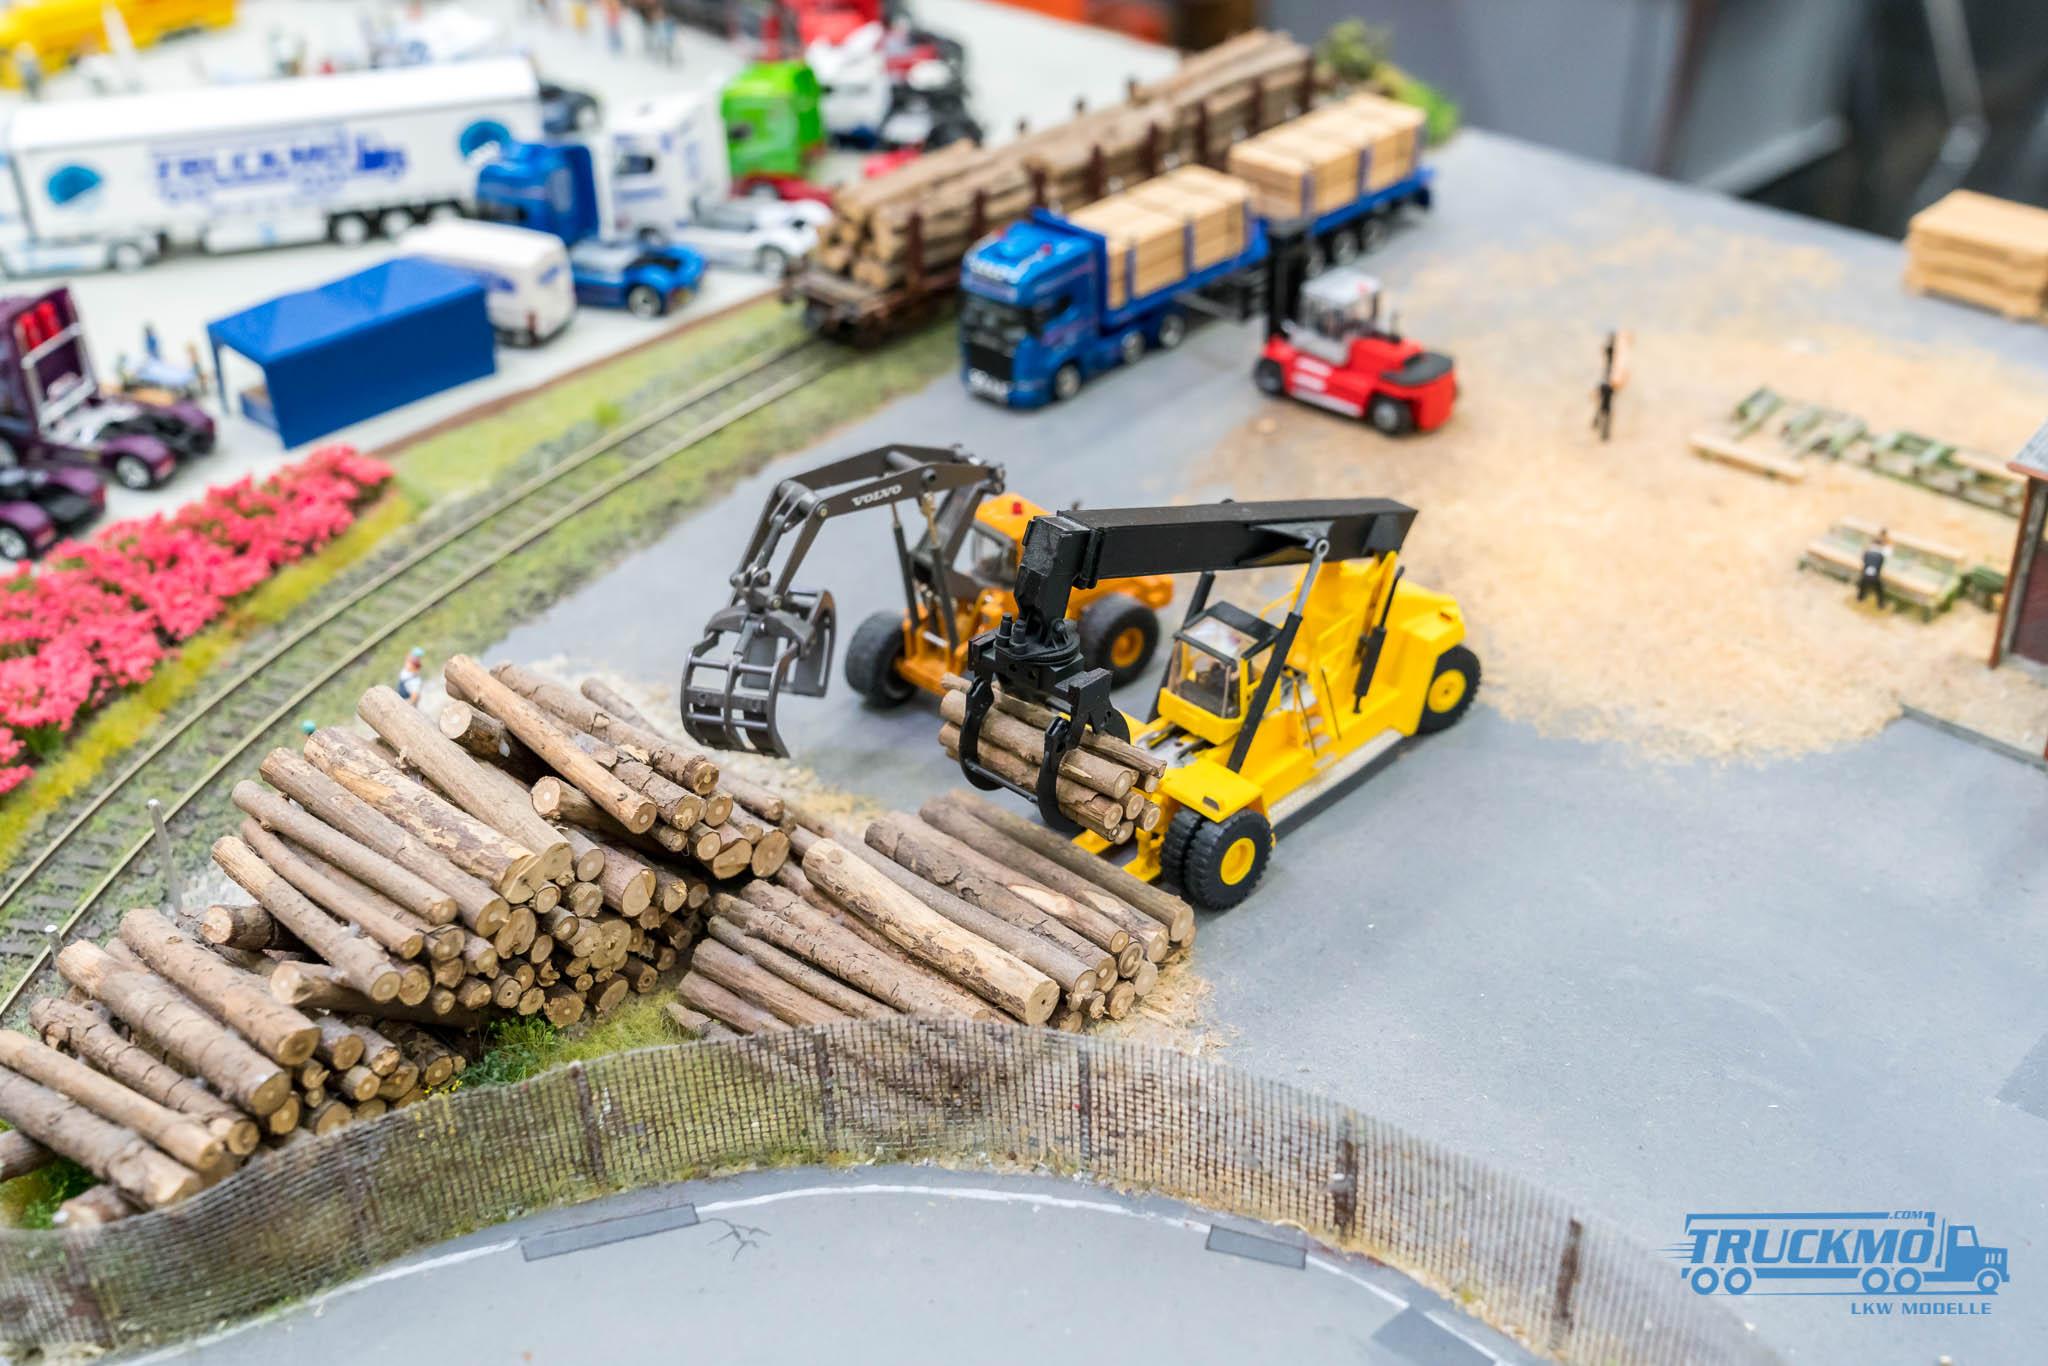 Truckmo_Modellbau_Ried_2017_Herpa_Messe_Modellbauausstellung (192 von 1177)